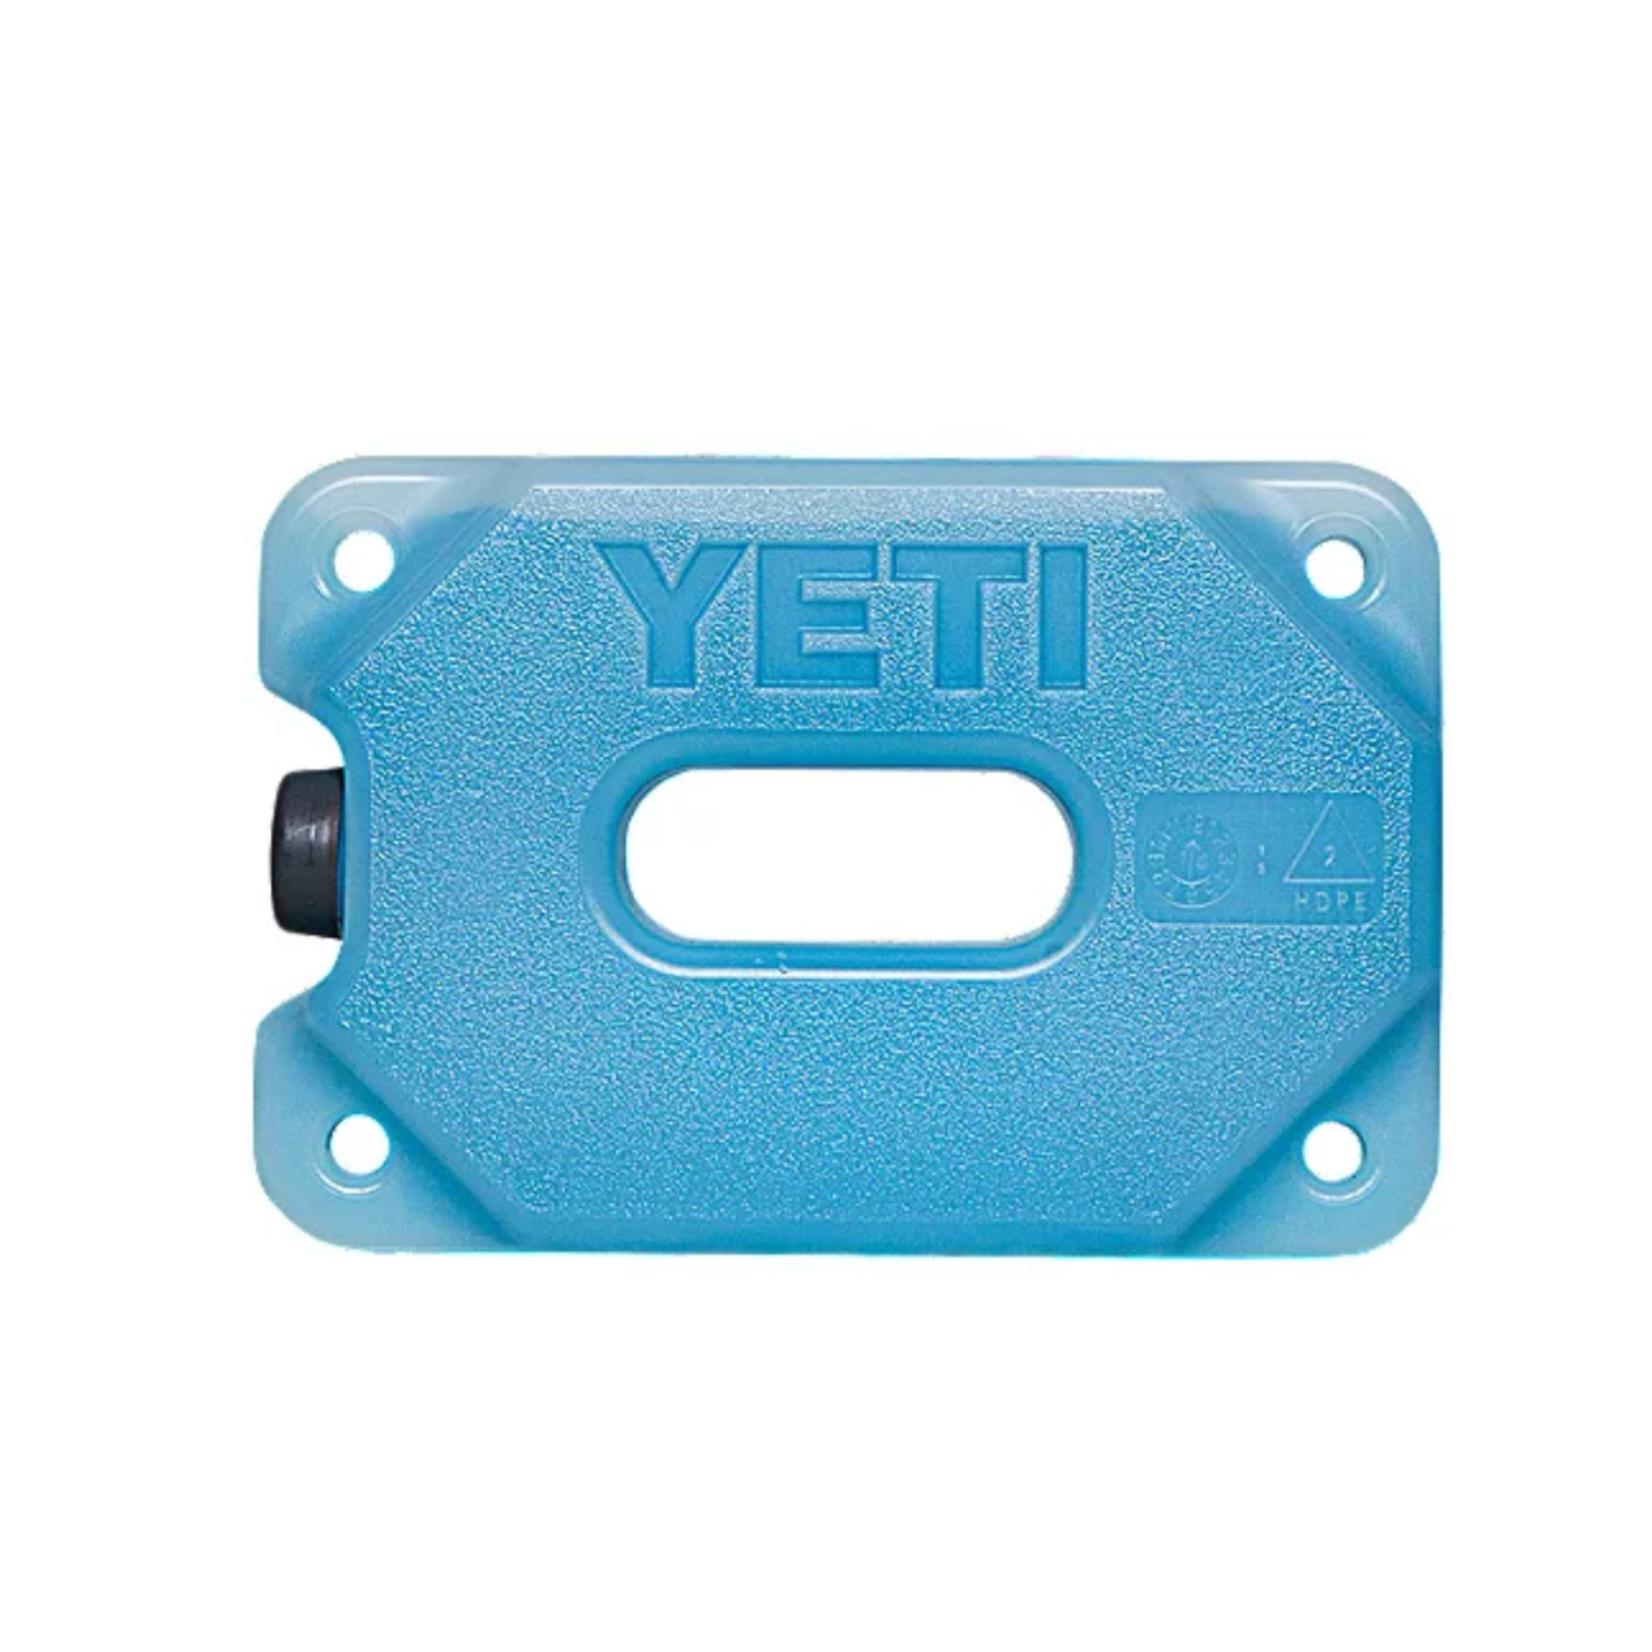 YETI YETI Ice - 2lbs